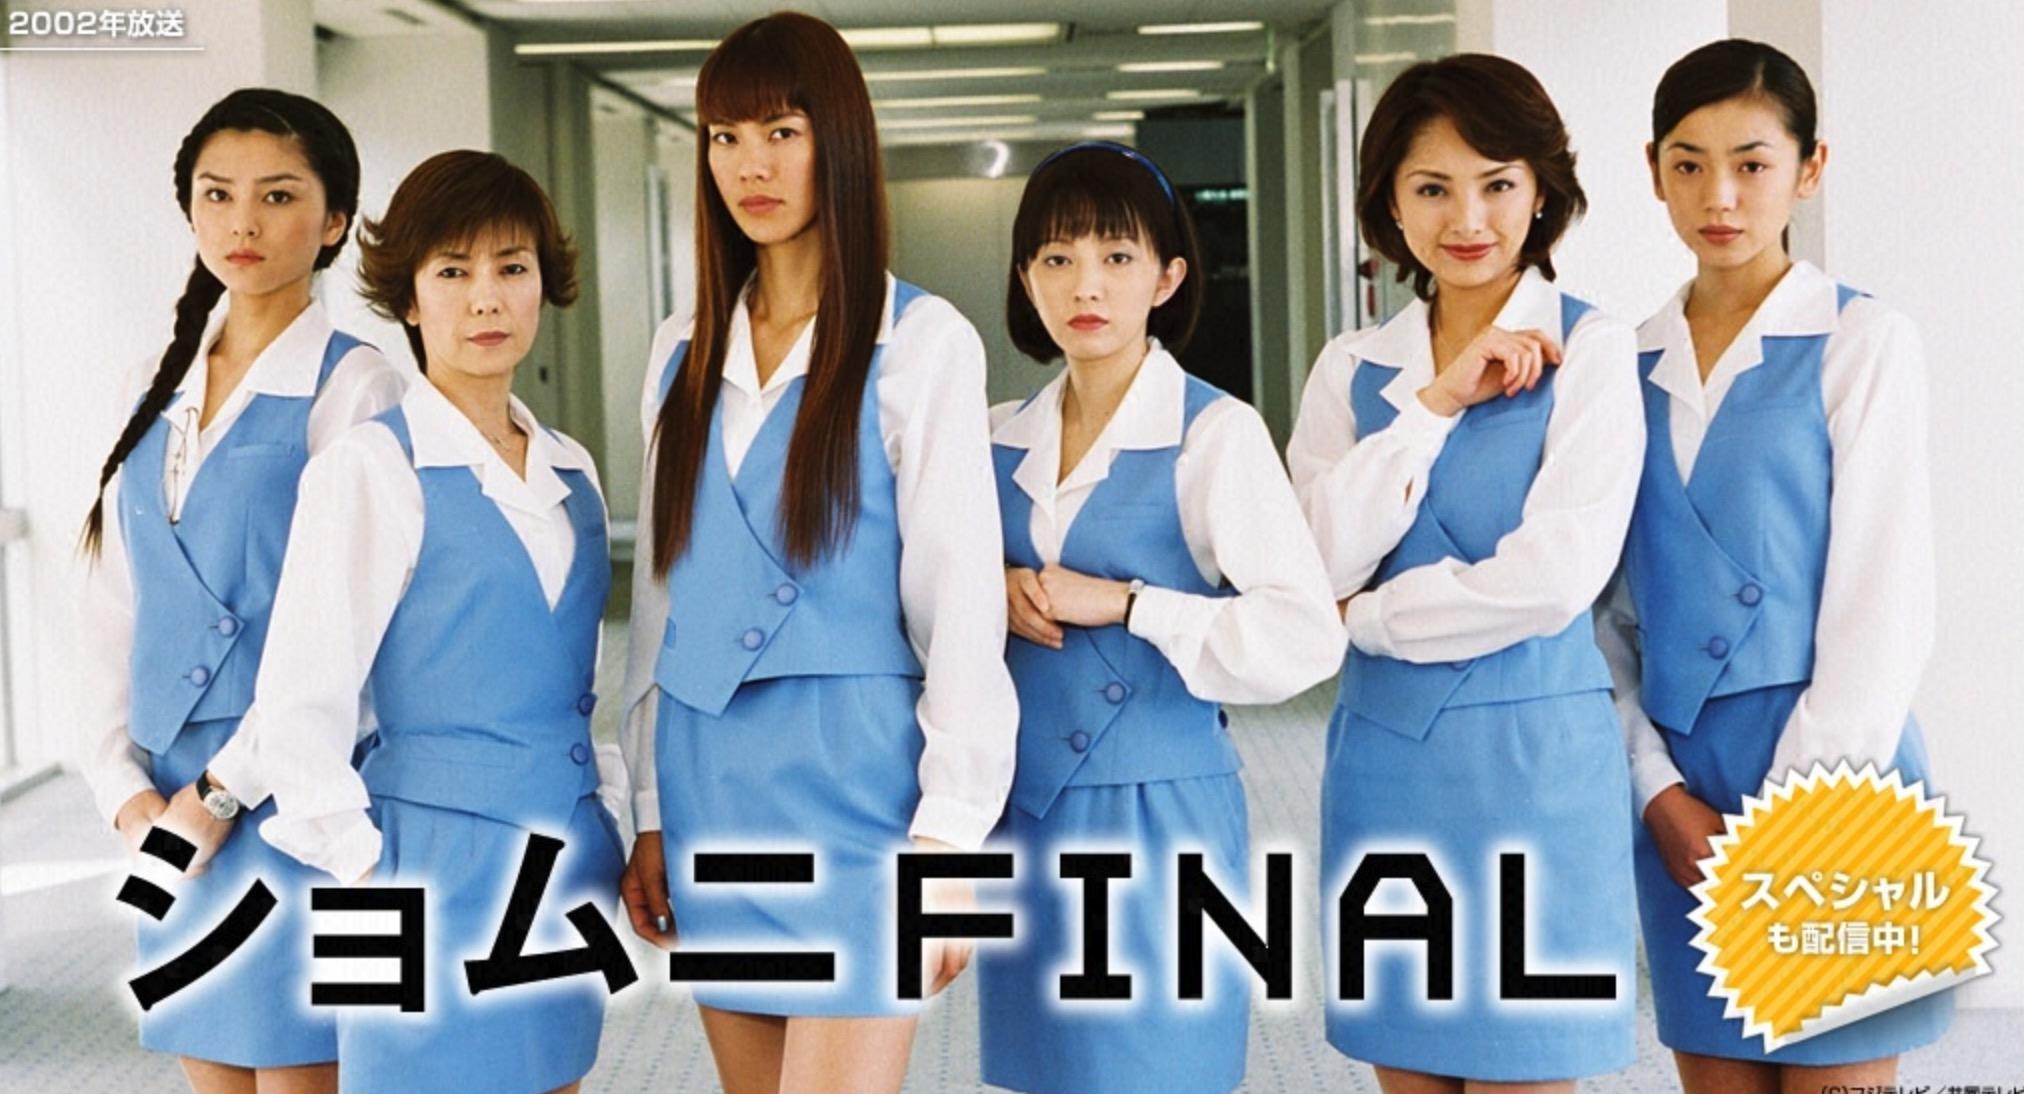 第3シリーズ「ショムニFINAL(ファイナル)」